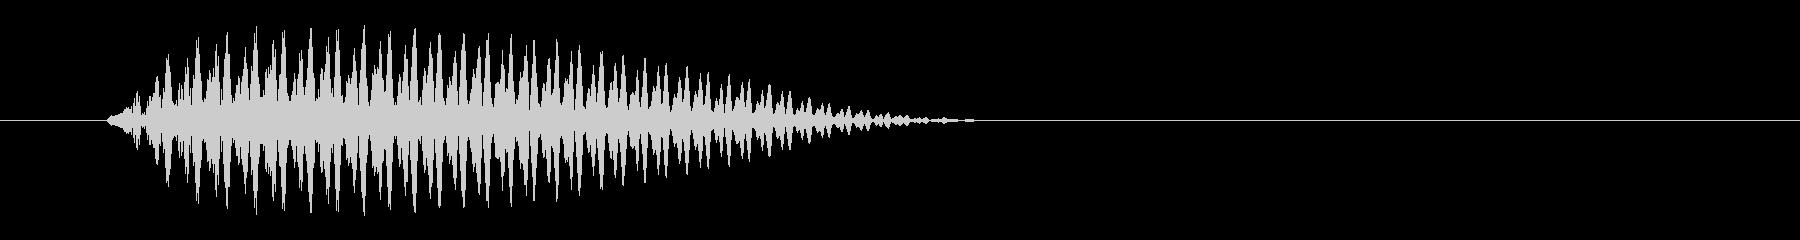 プェッ(コミカルな音)の未再生の波形